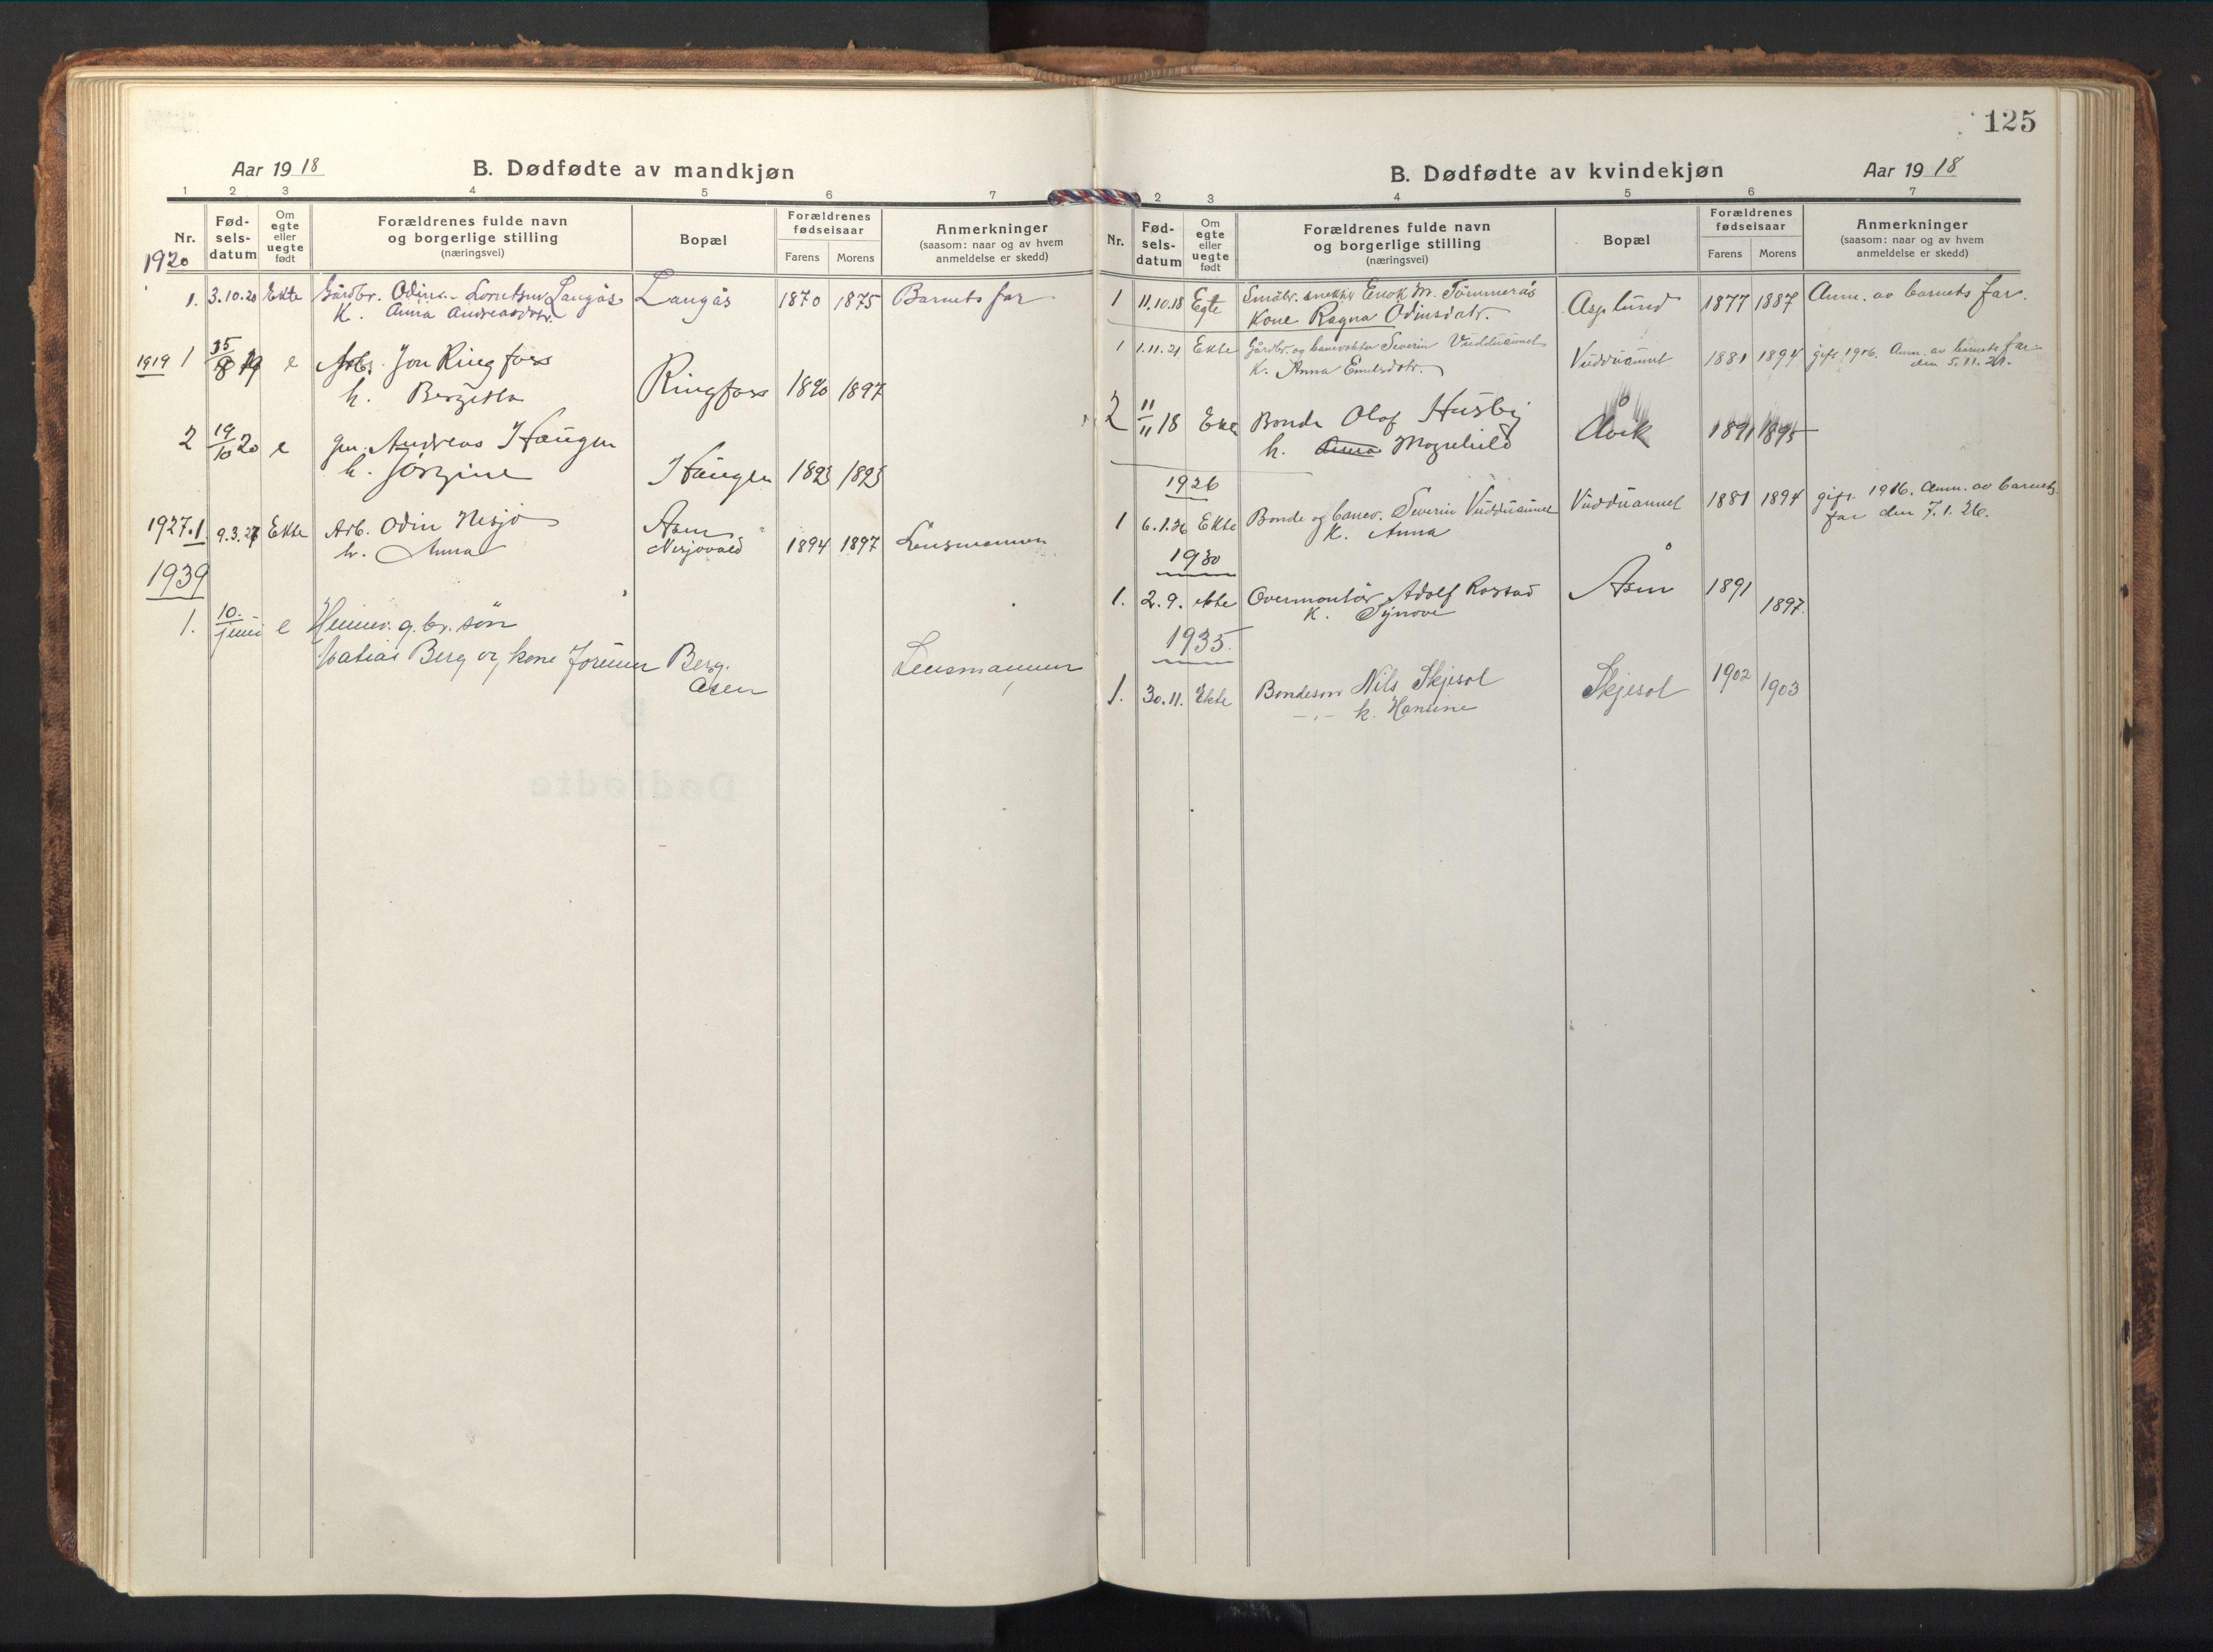 SAT, Ministerialprotokoller, klokkerbøker og fødselsregistre - Nord-Trøndelag, 714/L0136: Klokkerbok nr. 714C05, 1918-1957, s. 125